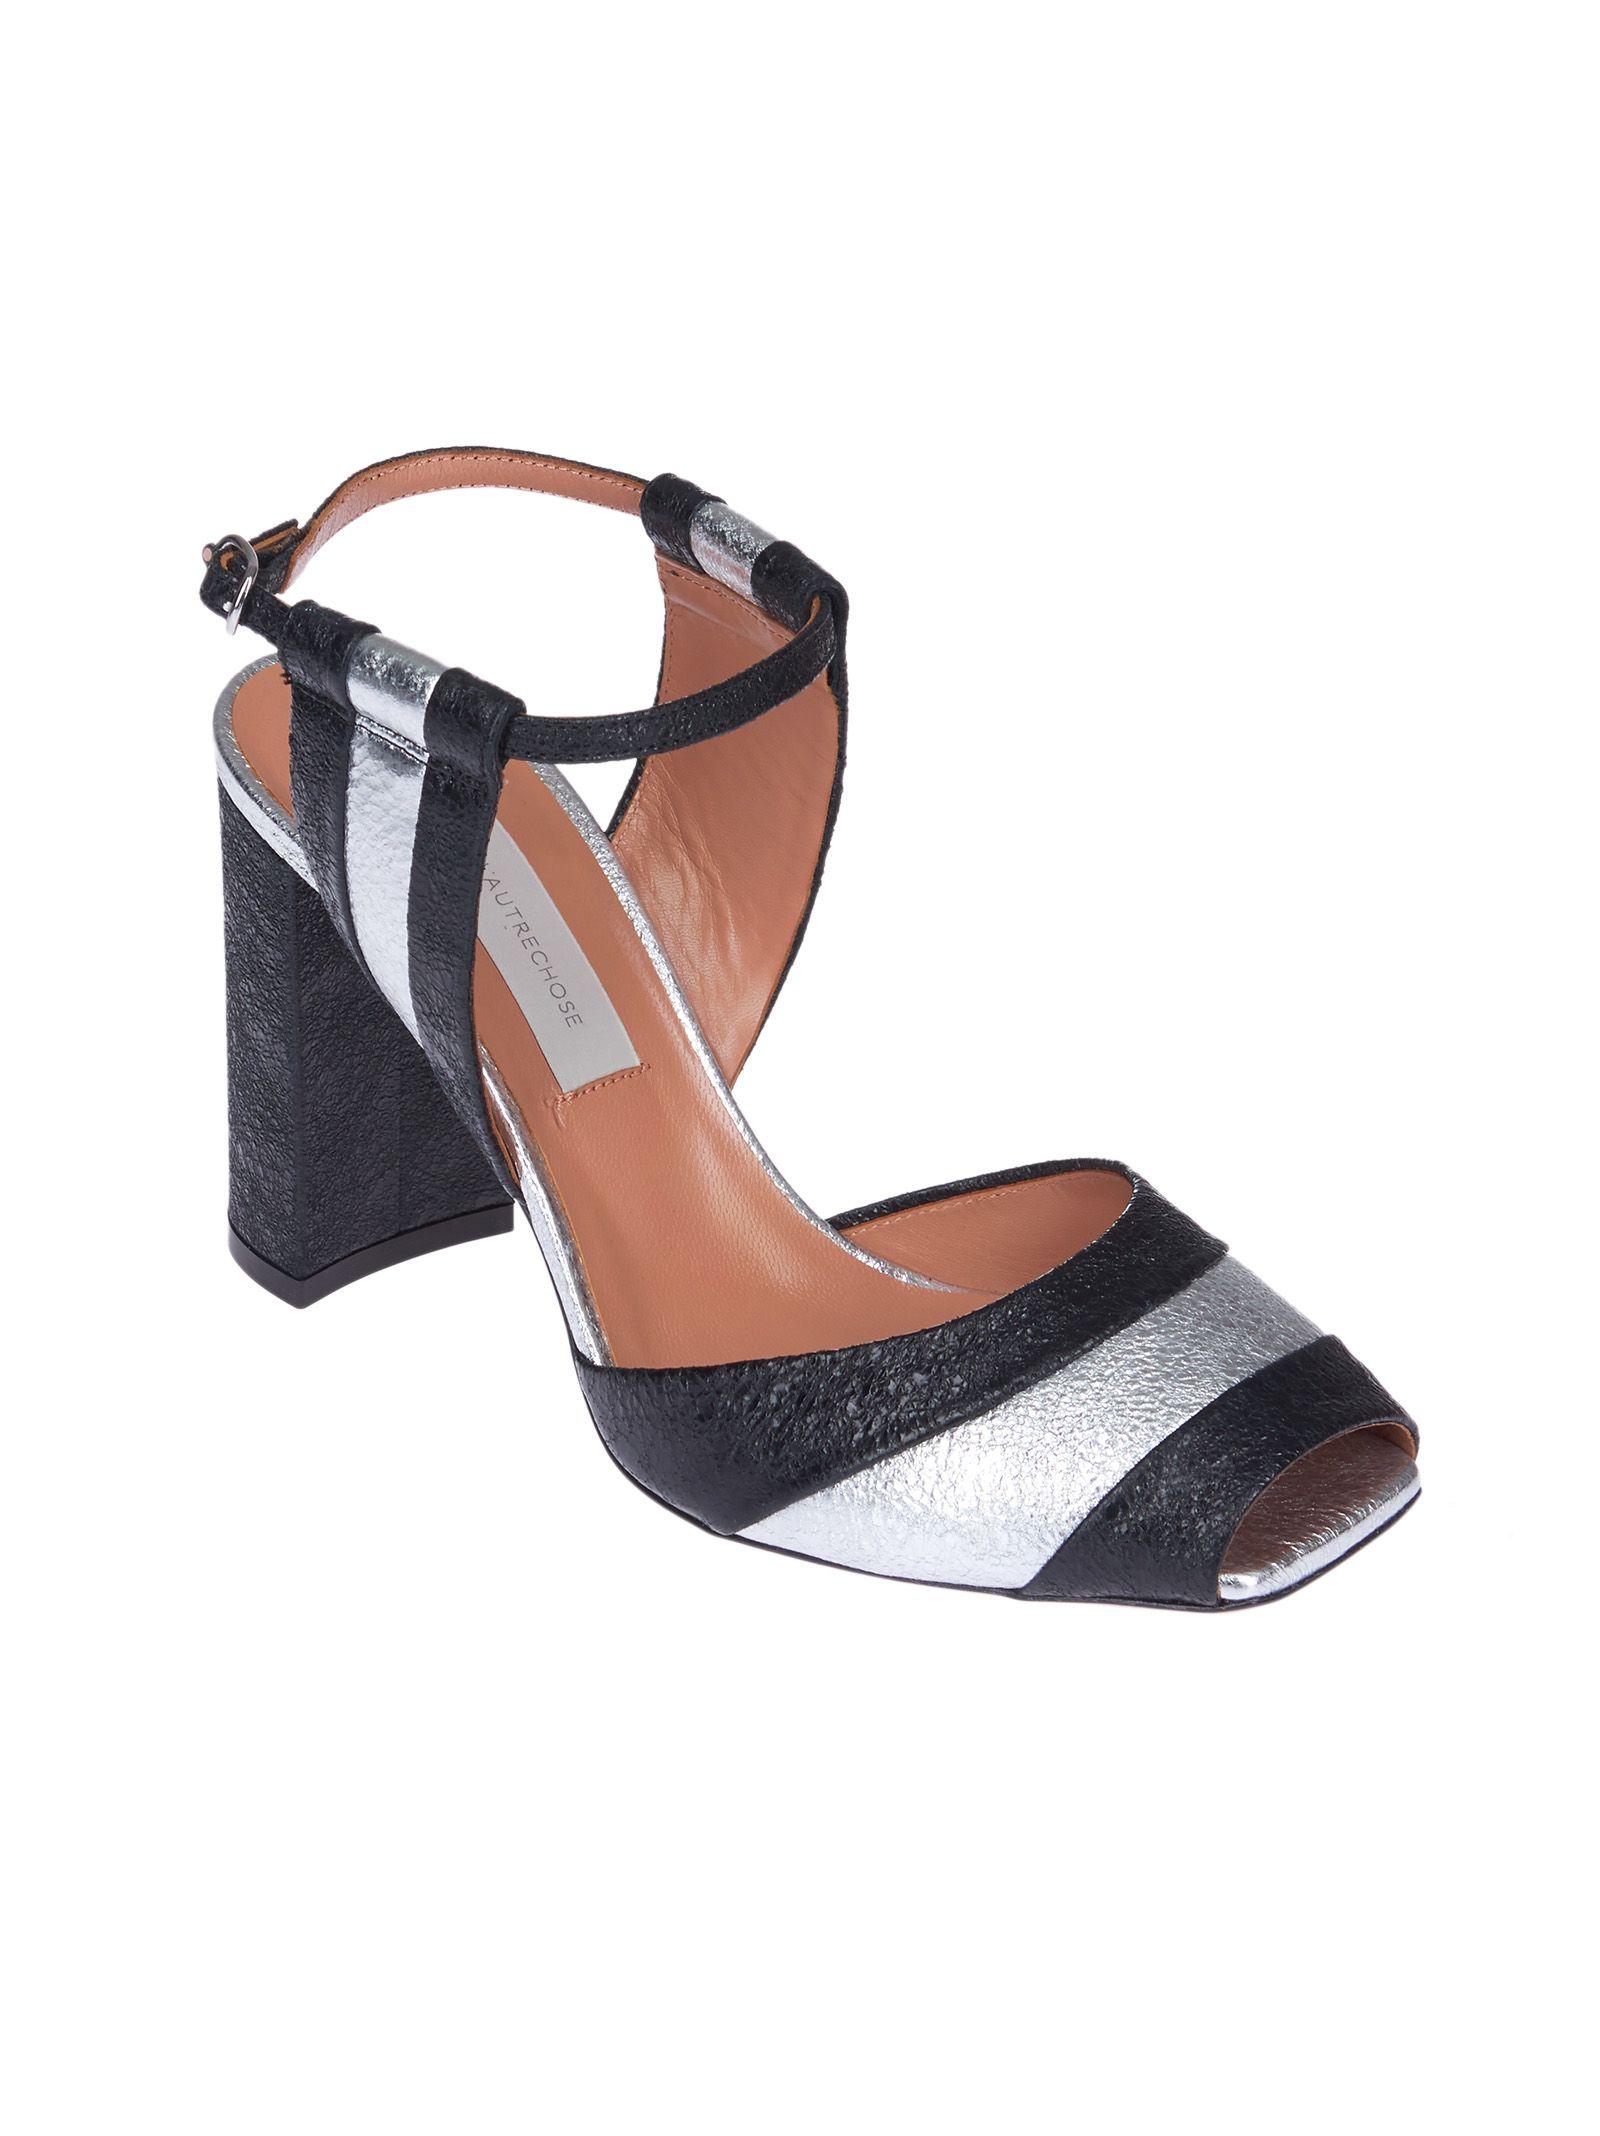 L'Autre Chose striped sandals official online best prices cheap online raJK4aq